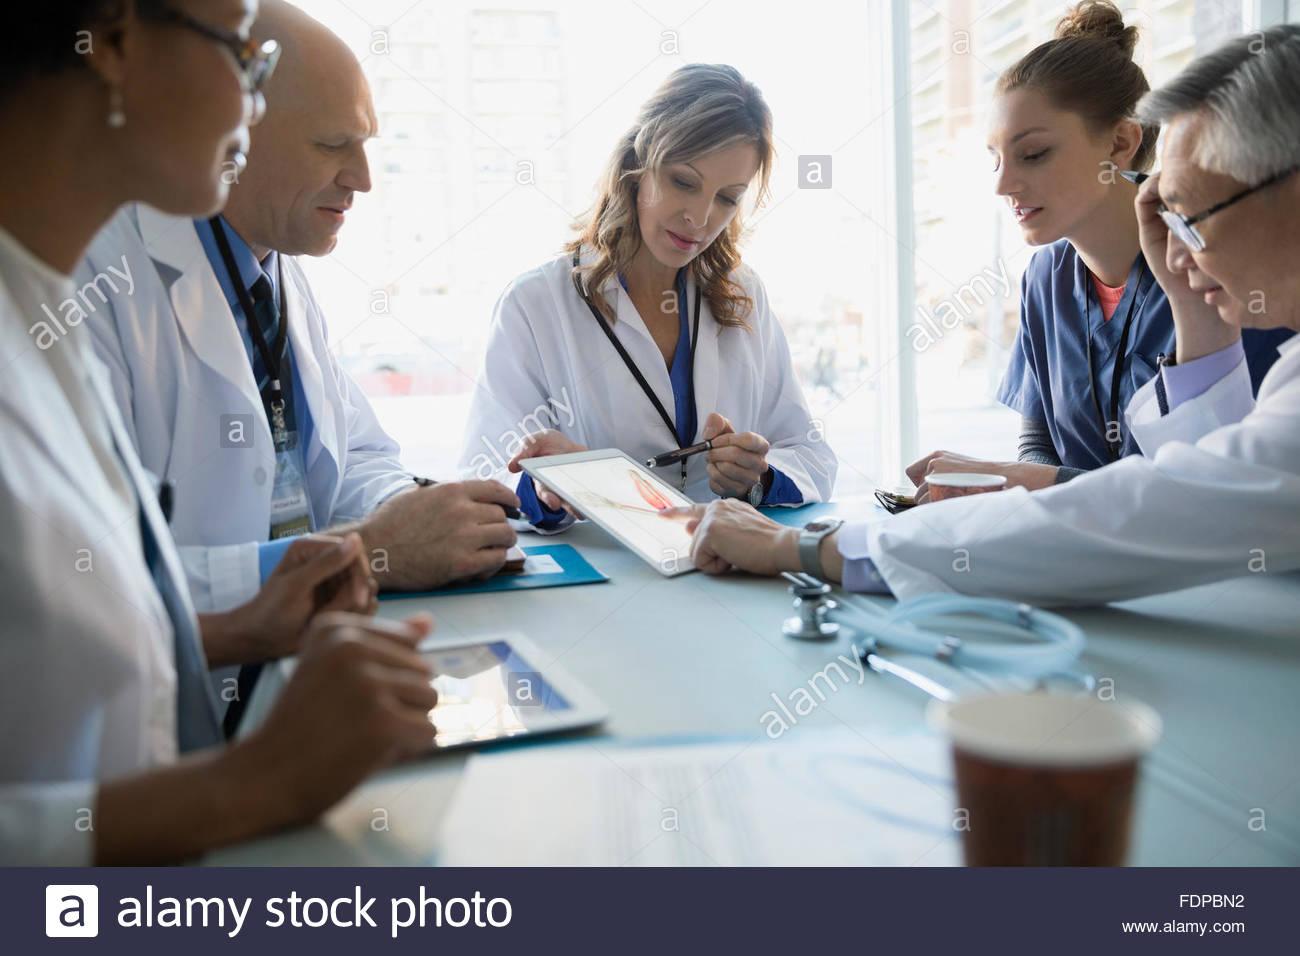 Doctors using digital tablet in meeting - Stock Image